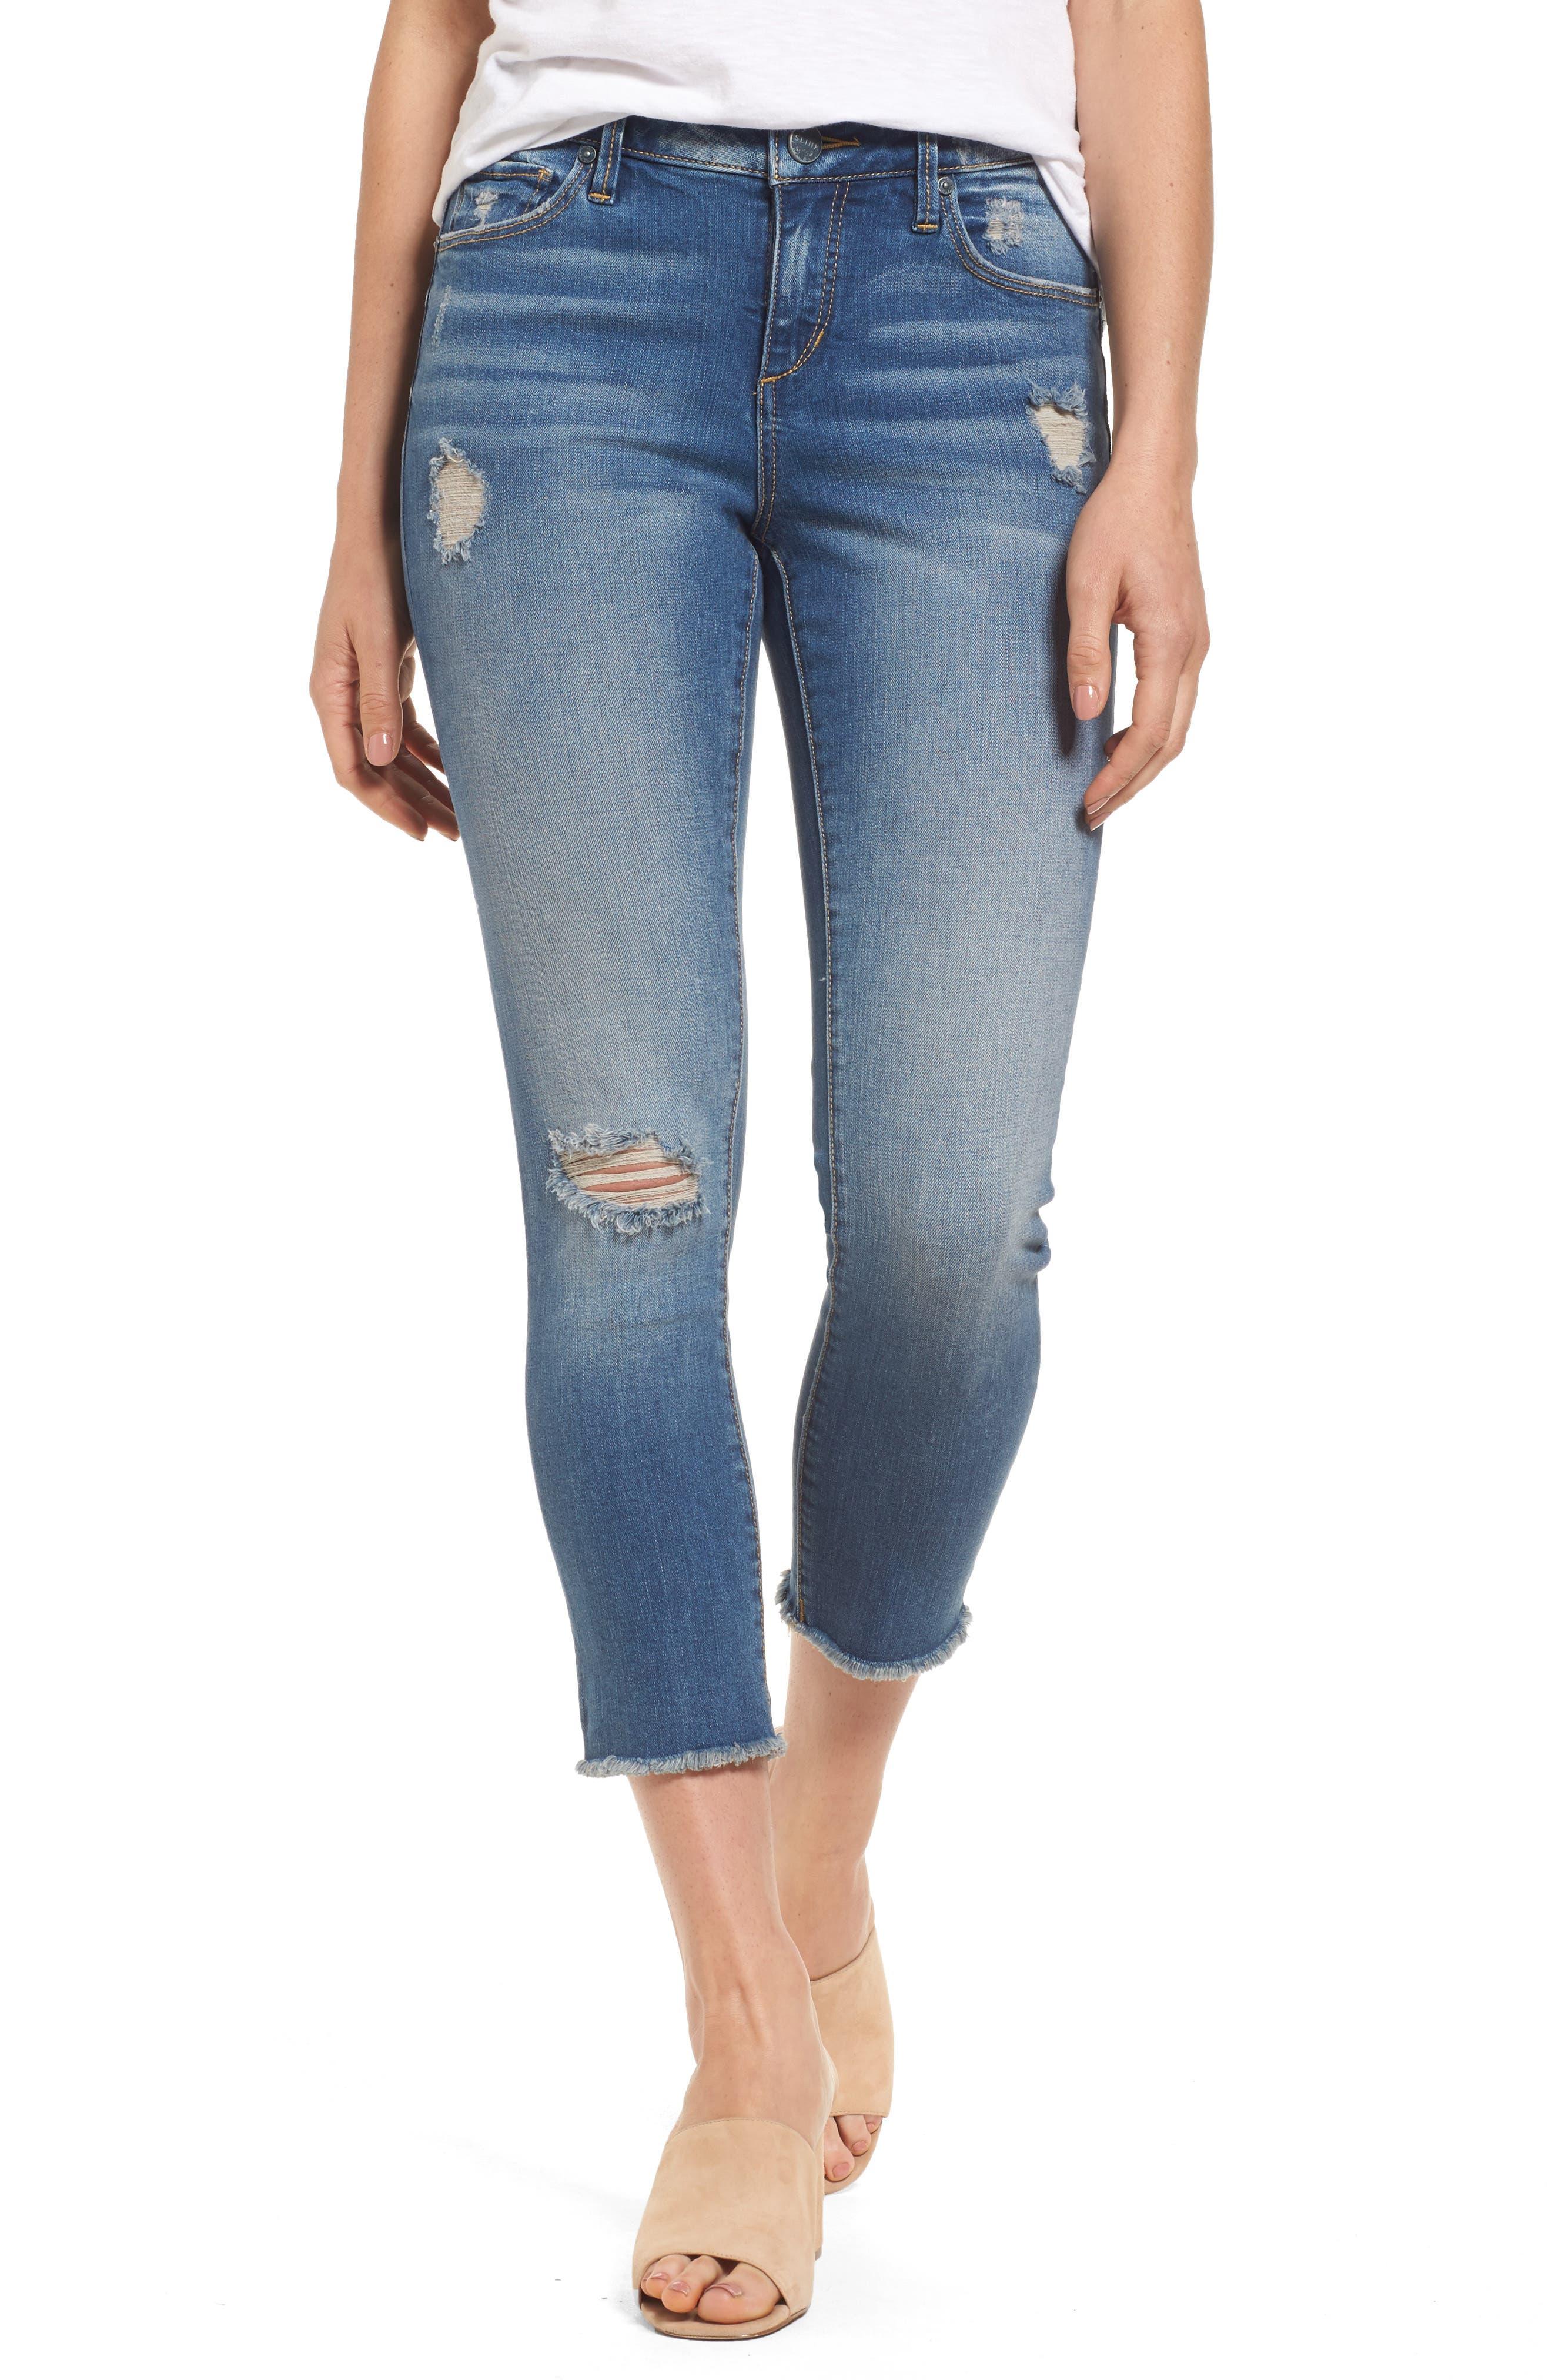 Alternate Image 1 Selected - SLINK Jeans Frayed Hem Crop Jeans (Caralyn)